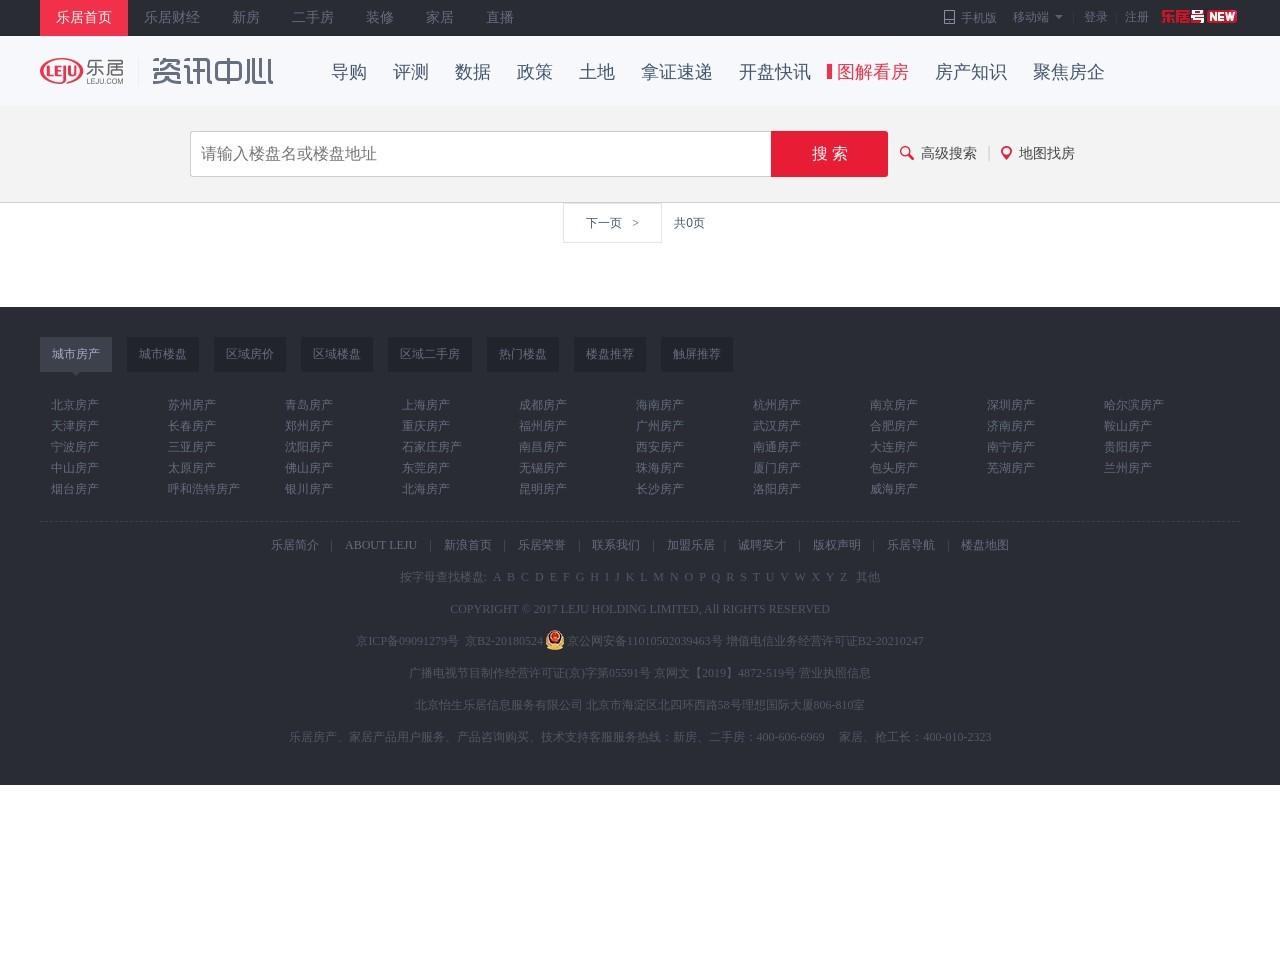 【北京图解看房 北京房产资讯】-北京乐居网